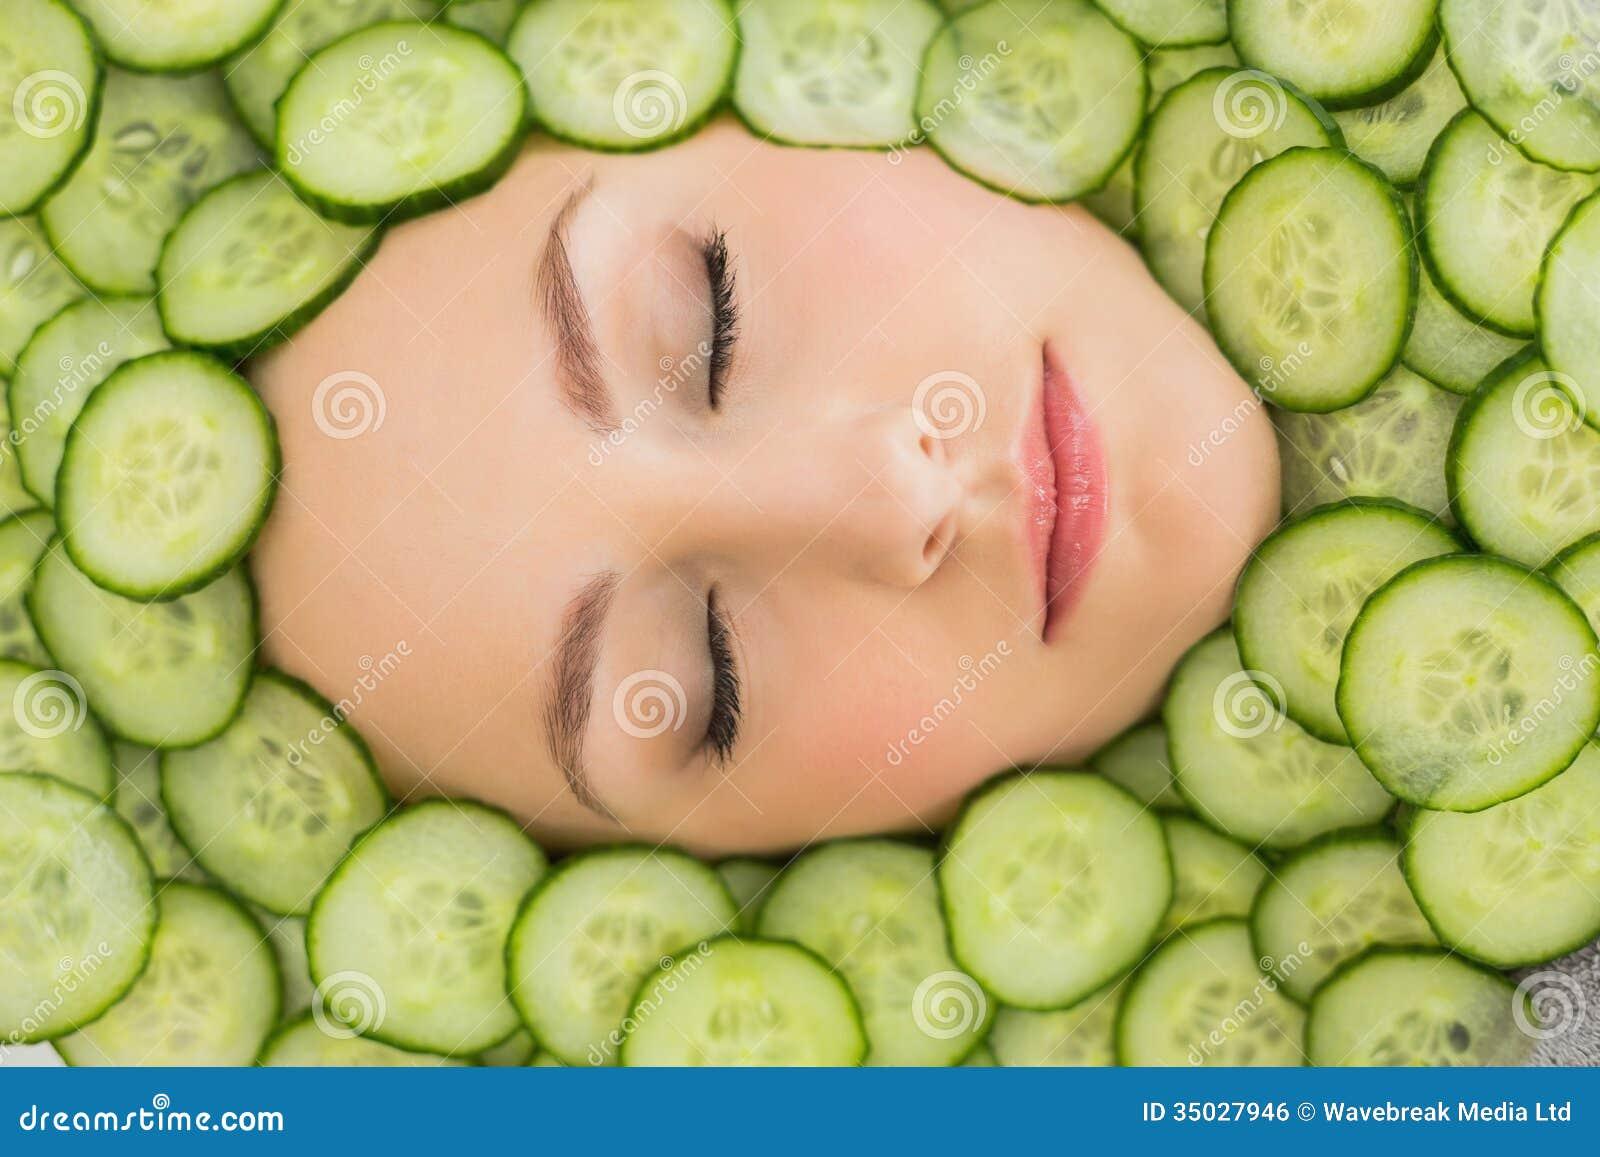 But money cucumber facial masks she's got